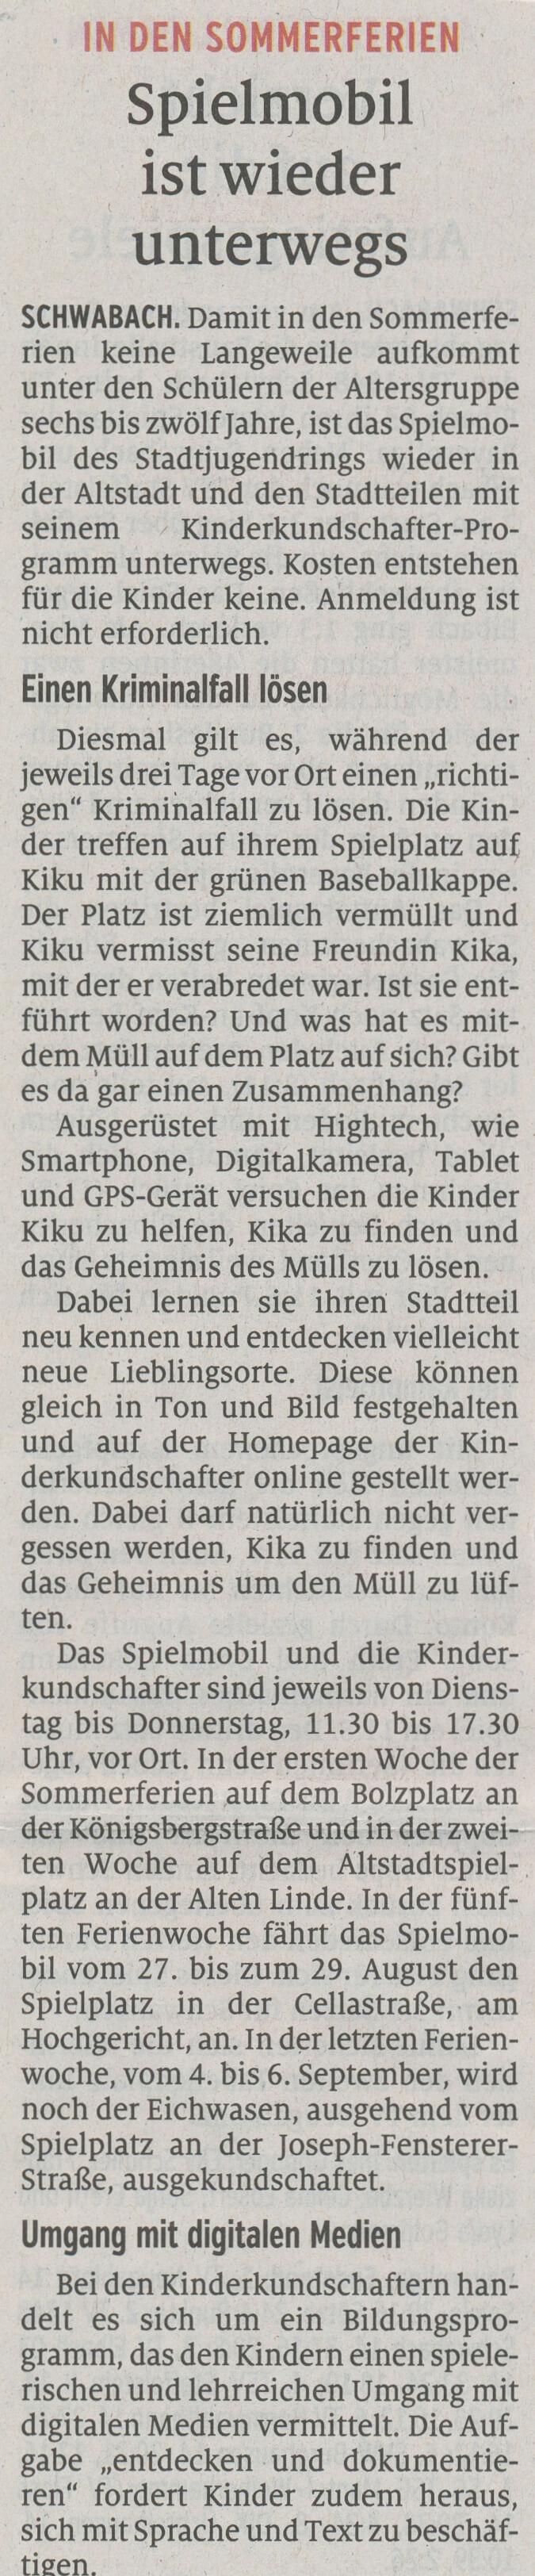 26.07.2019 - Spielmobil ist wieder unterwegs - Schwabacher Tagblatt